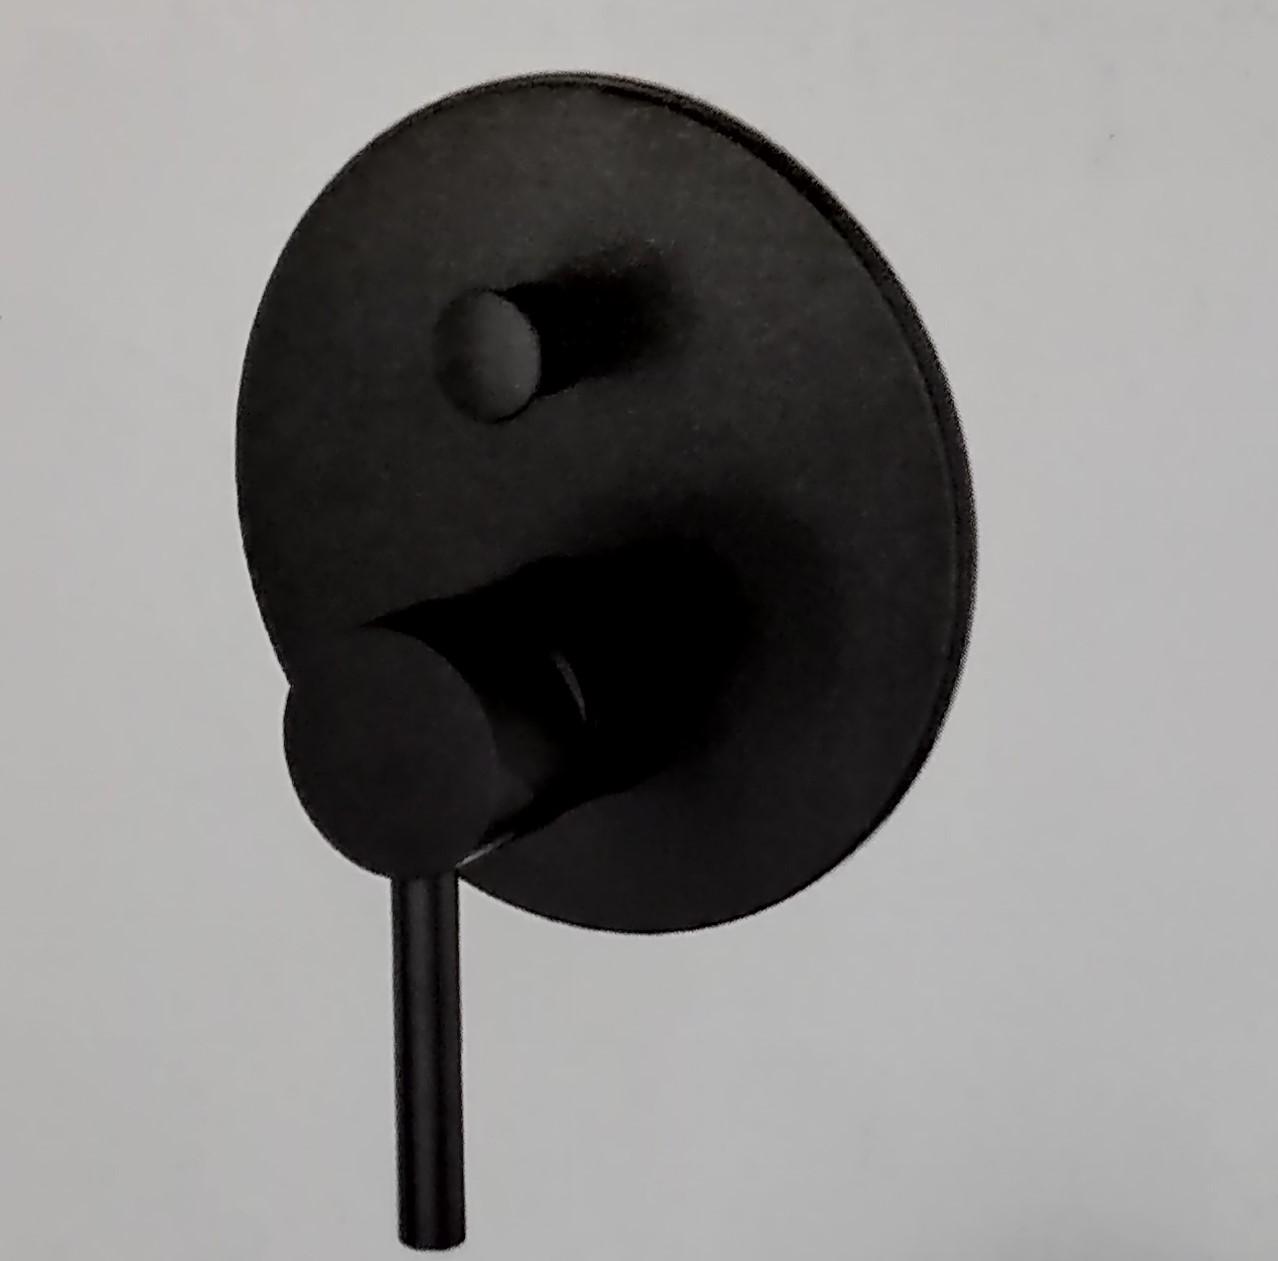 אינטרפוץ 4 דרך שחור מט